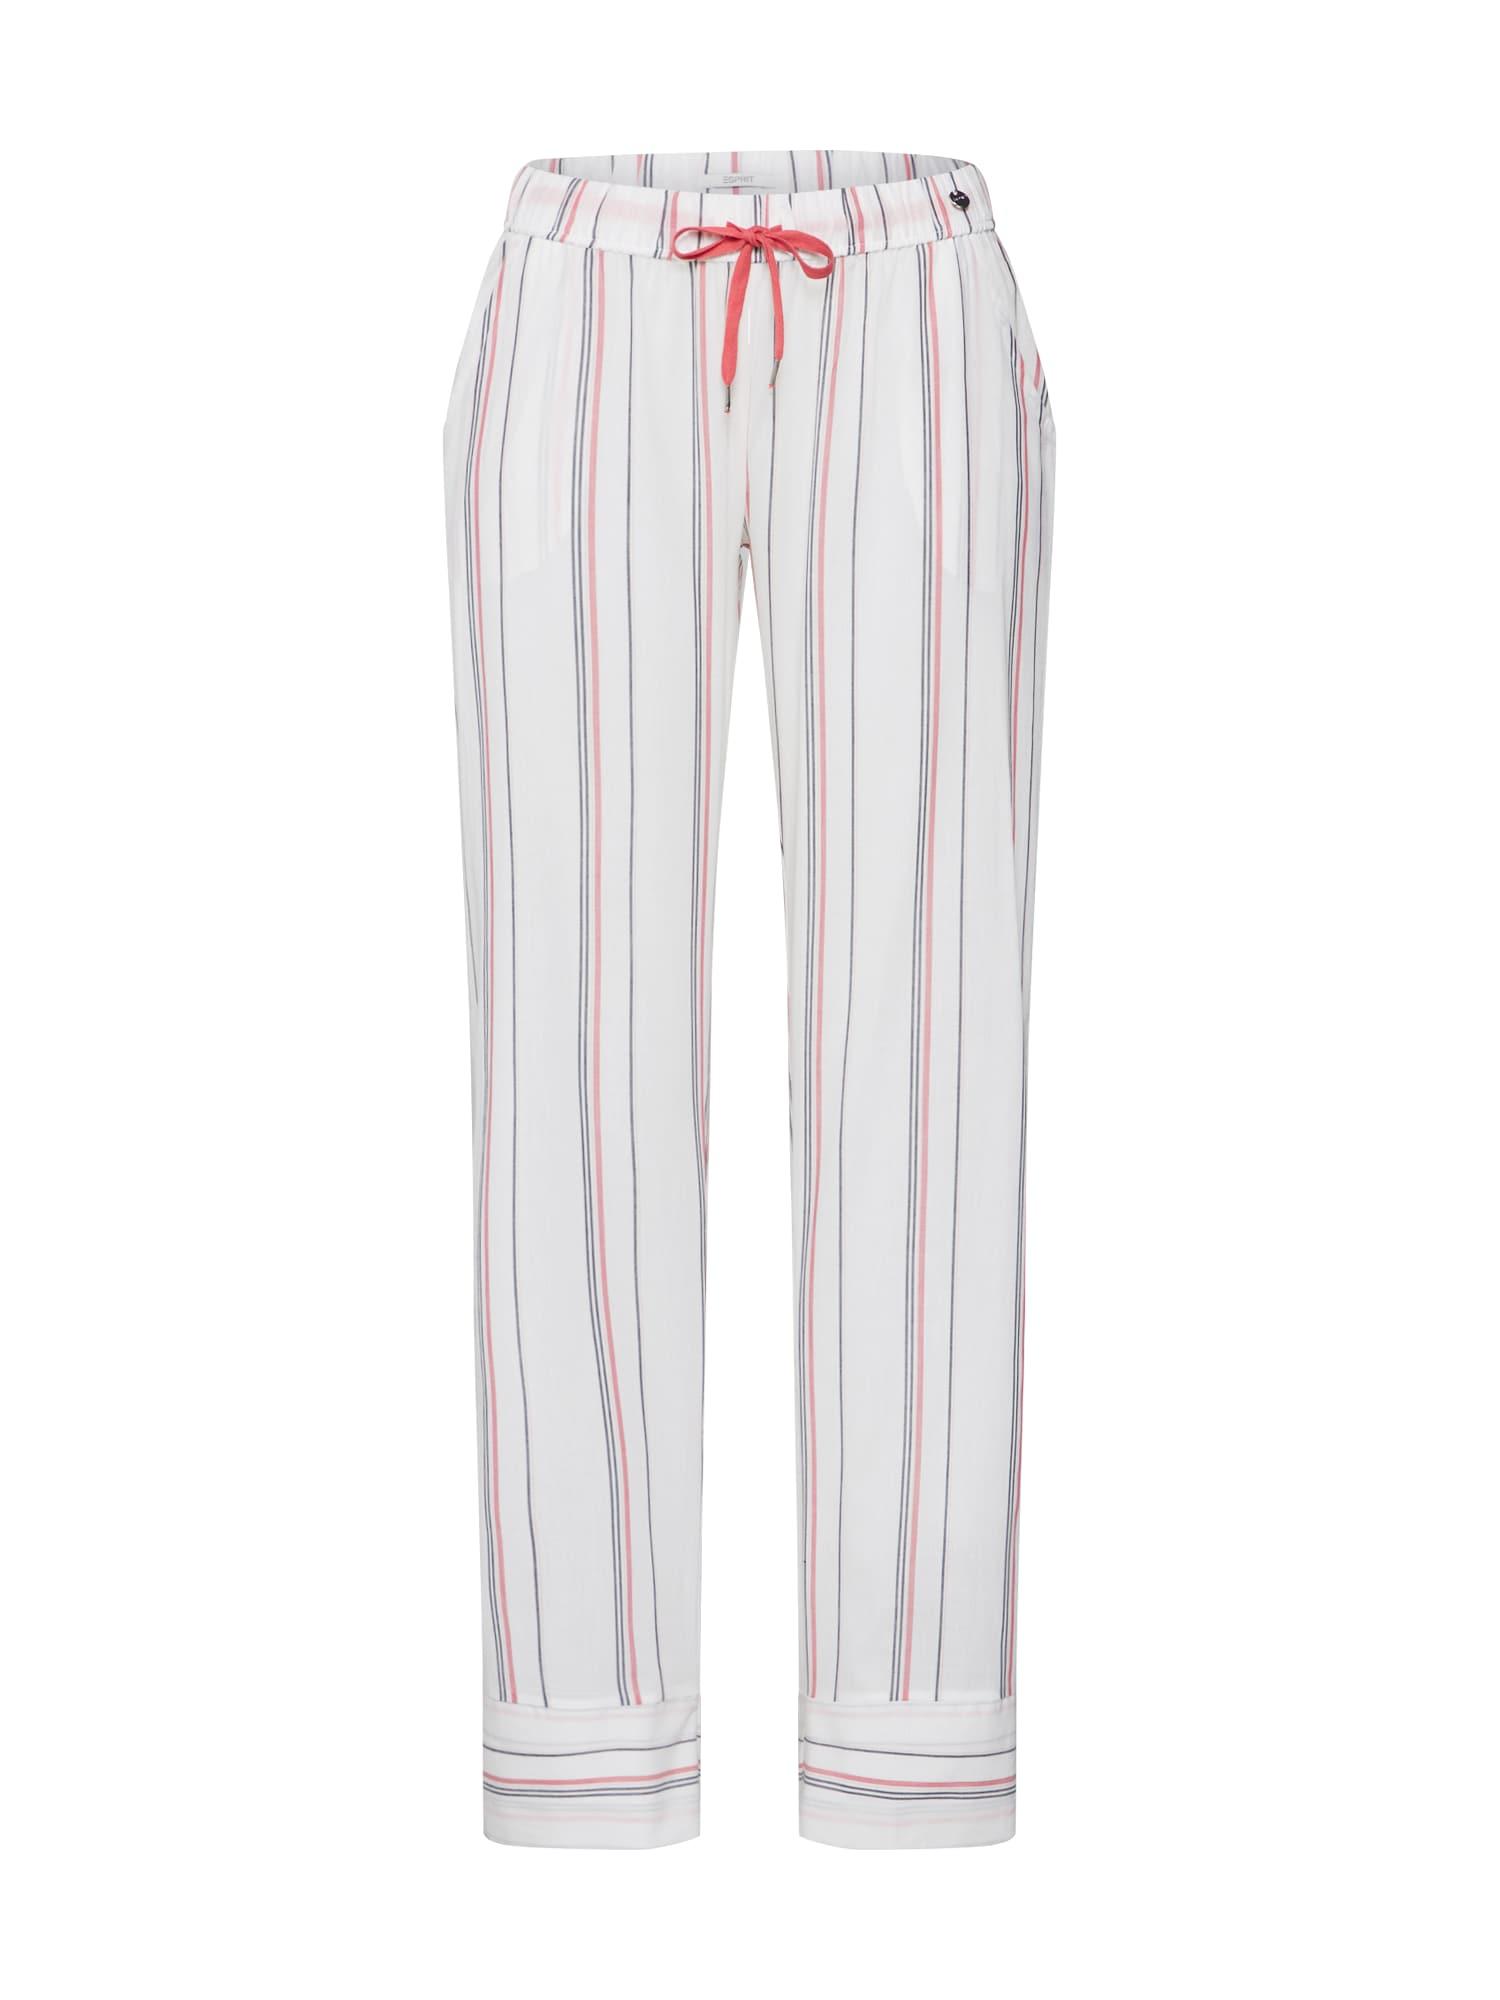 ESPRIT Pižaminės kelnės 'Adah' balta / pastelinė raudona / juoda